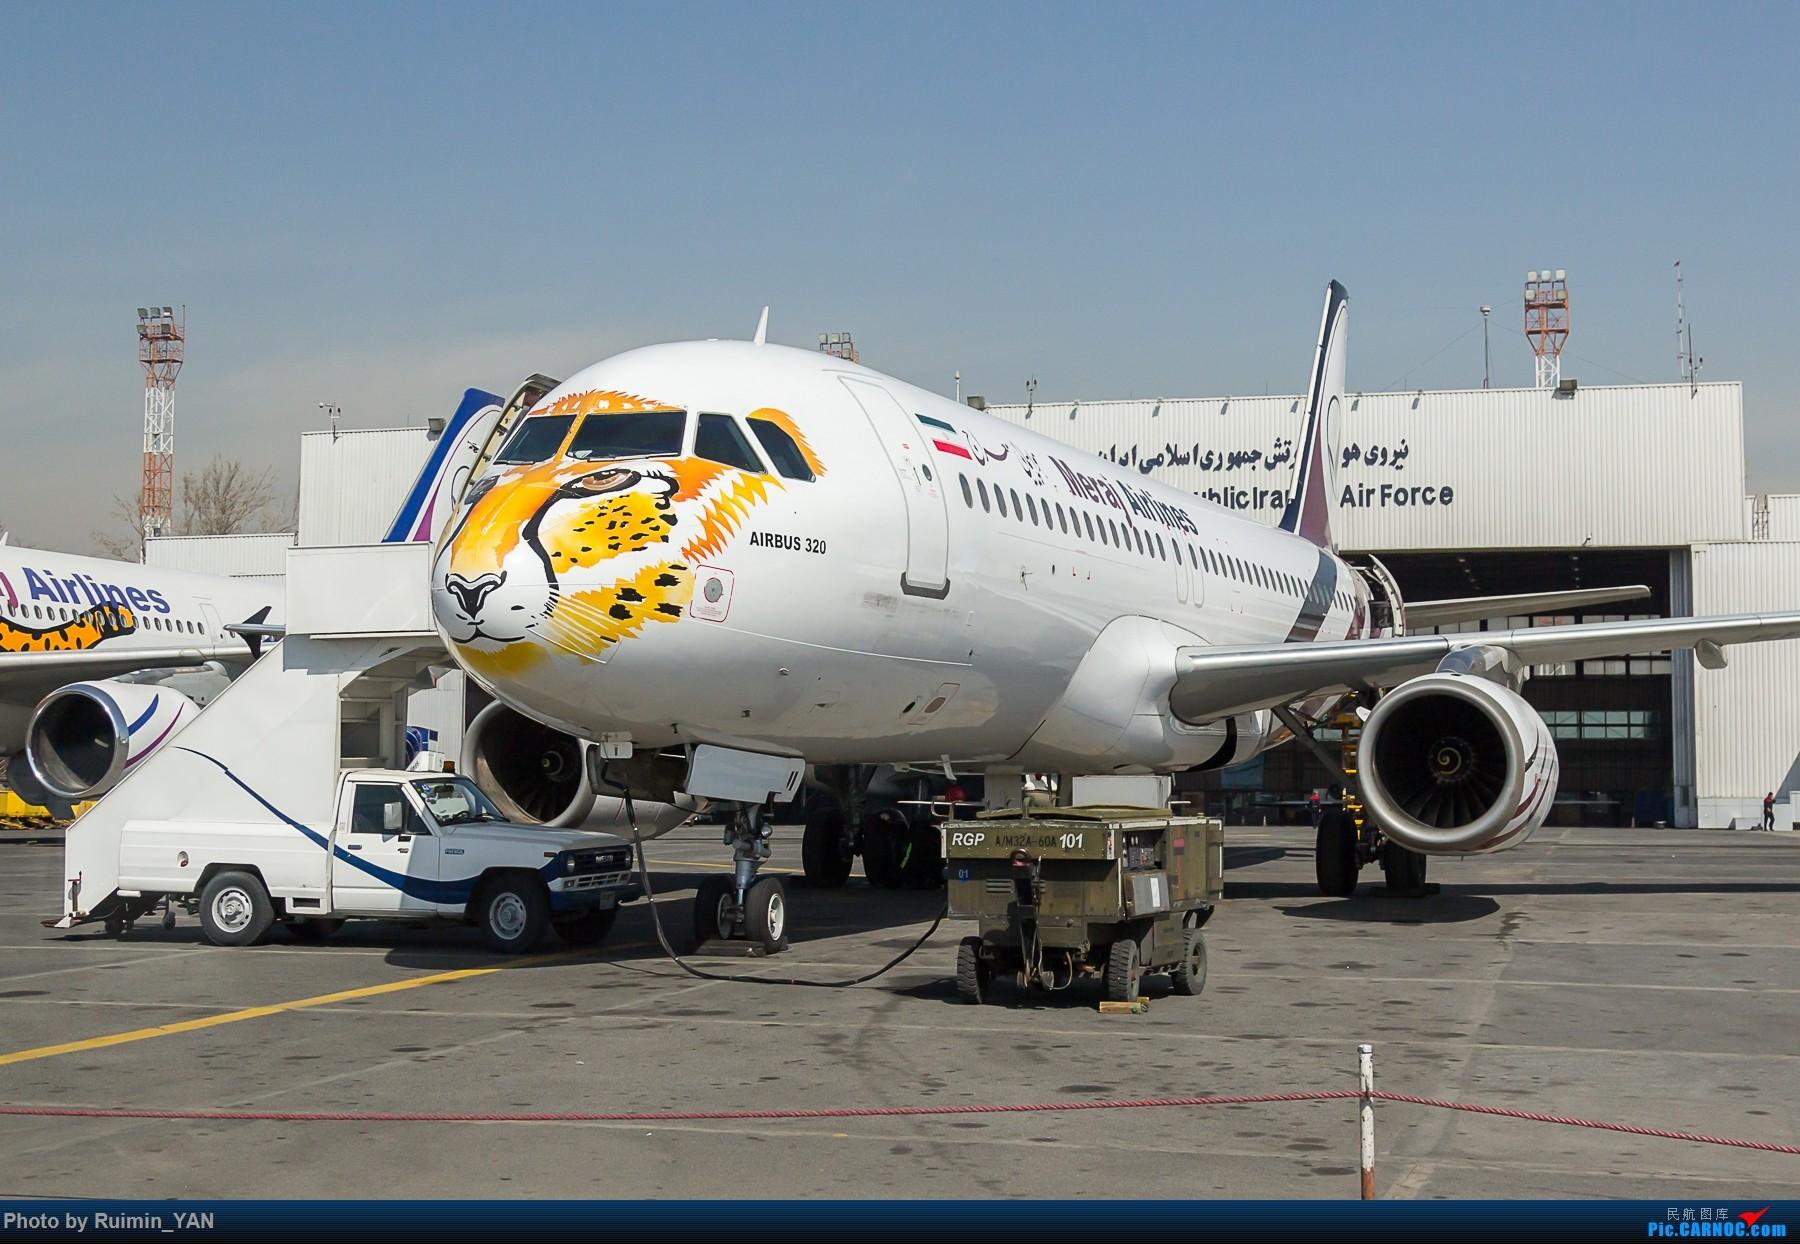 Re:[原创]【THR】(德黑兰梅赫拉巴德机场)伊朗Meraj航空(Meraj Airlines,IJ)新涂的保护老虎猎豹彩绘--空客320,AB6 AIRBUS A320-200 EP-AJI 伊朗德黑兰机场